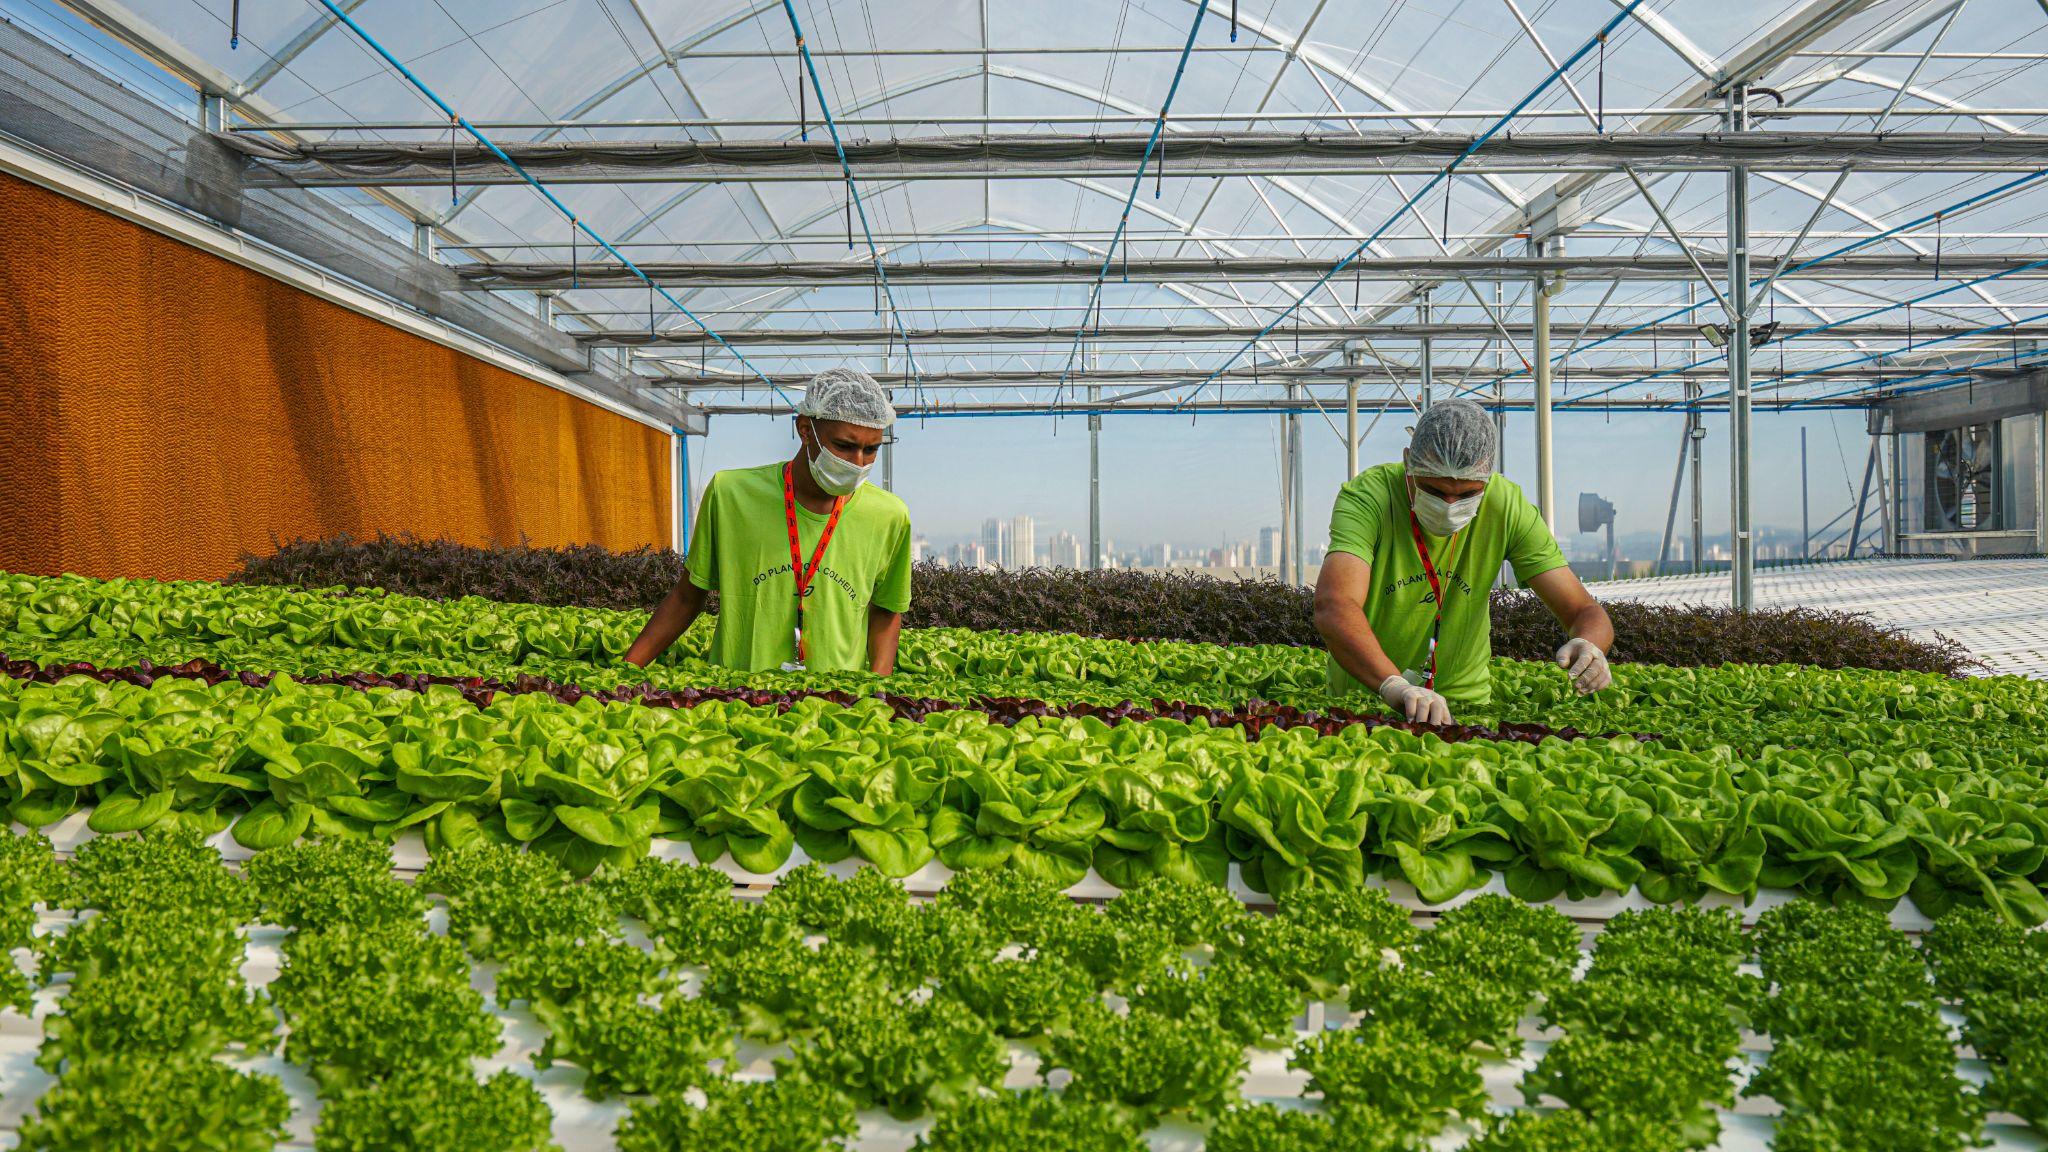 fazenda urbana do ifood, em osasco, no interior de são paulo.